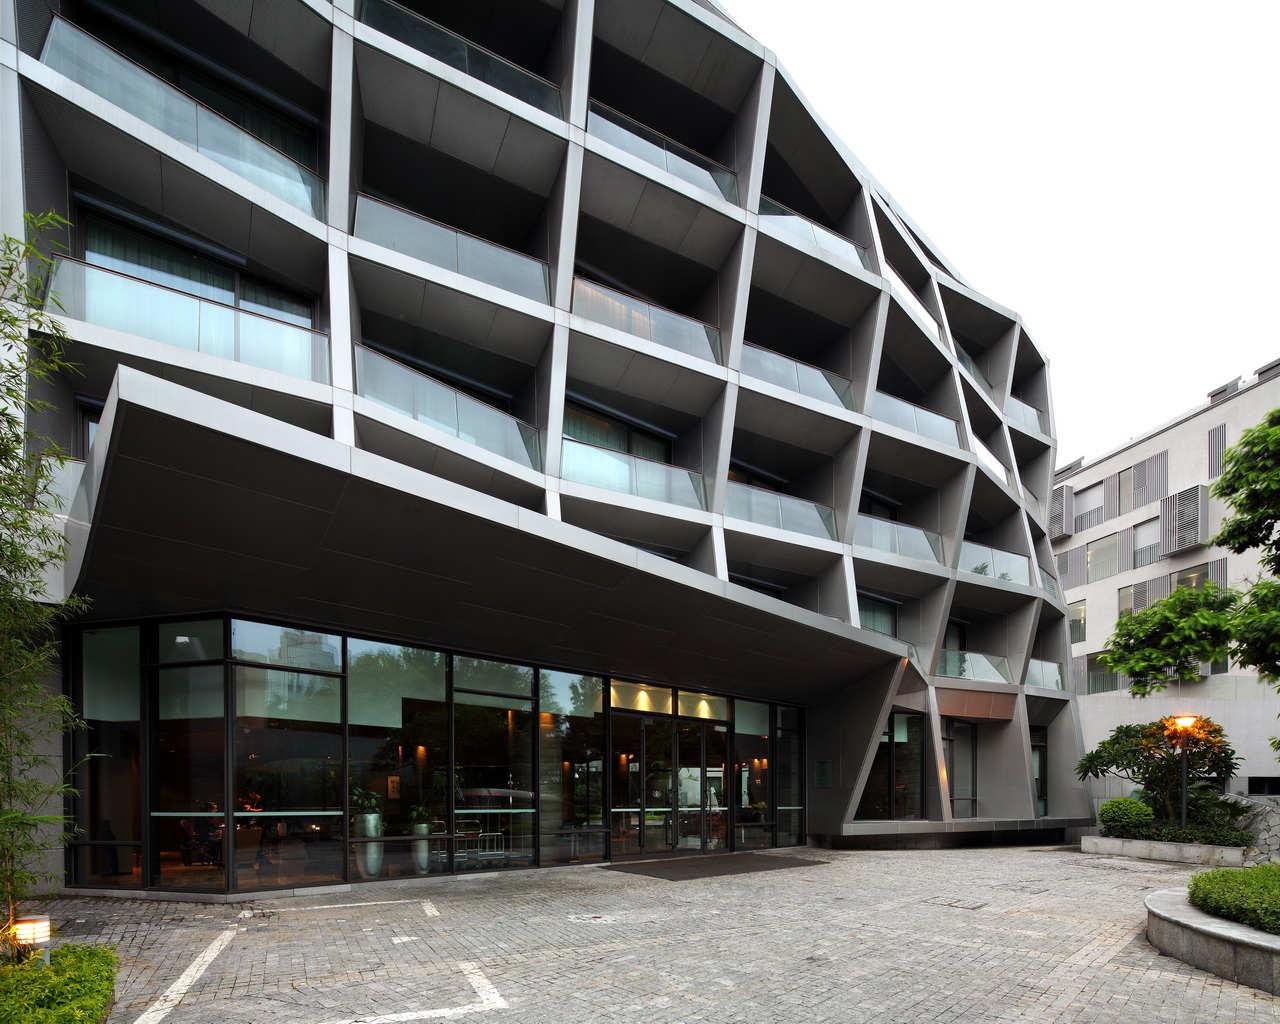 Galeria de maillen hotel apartment urbanus 23 for Appart hotel urban lodge chaudfontaine